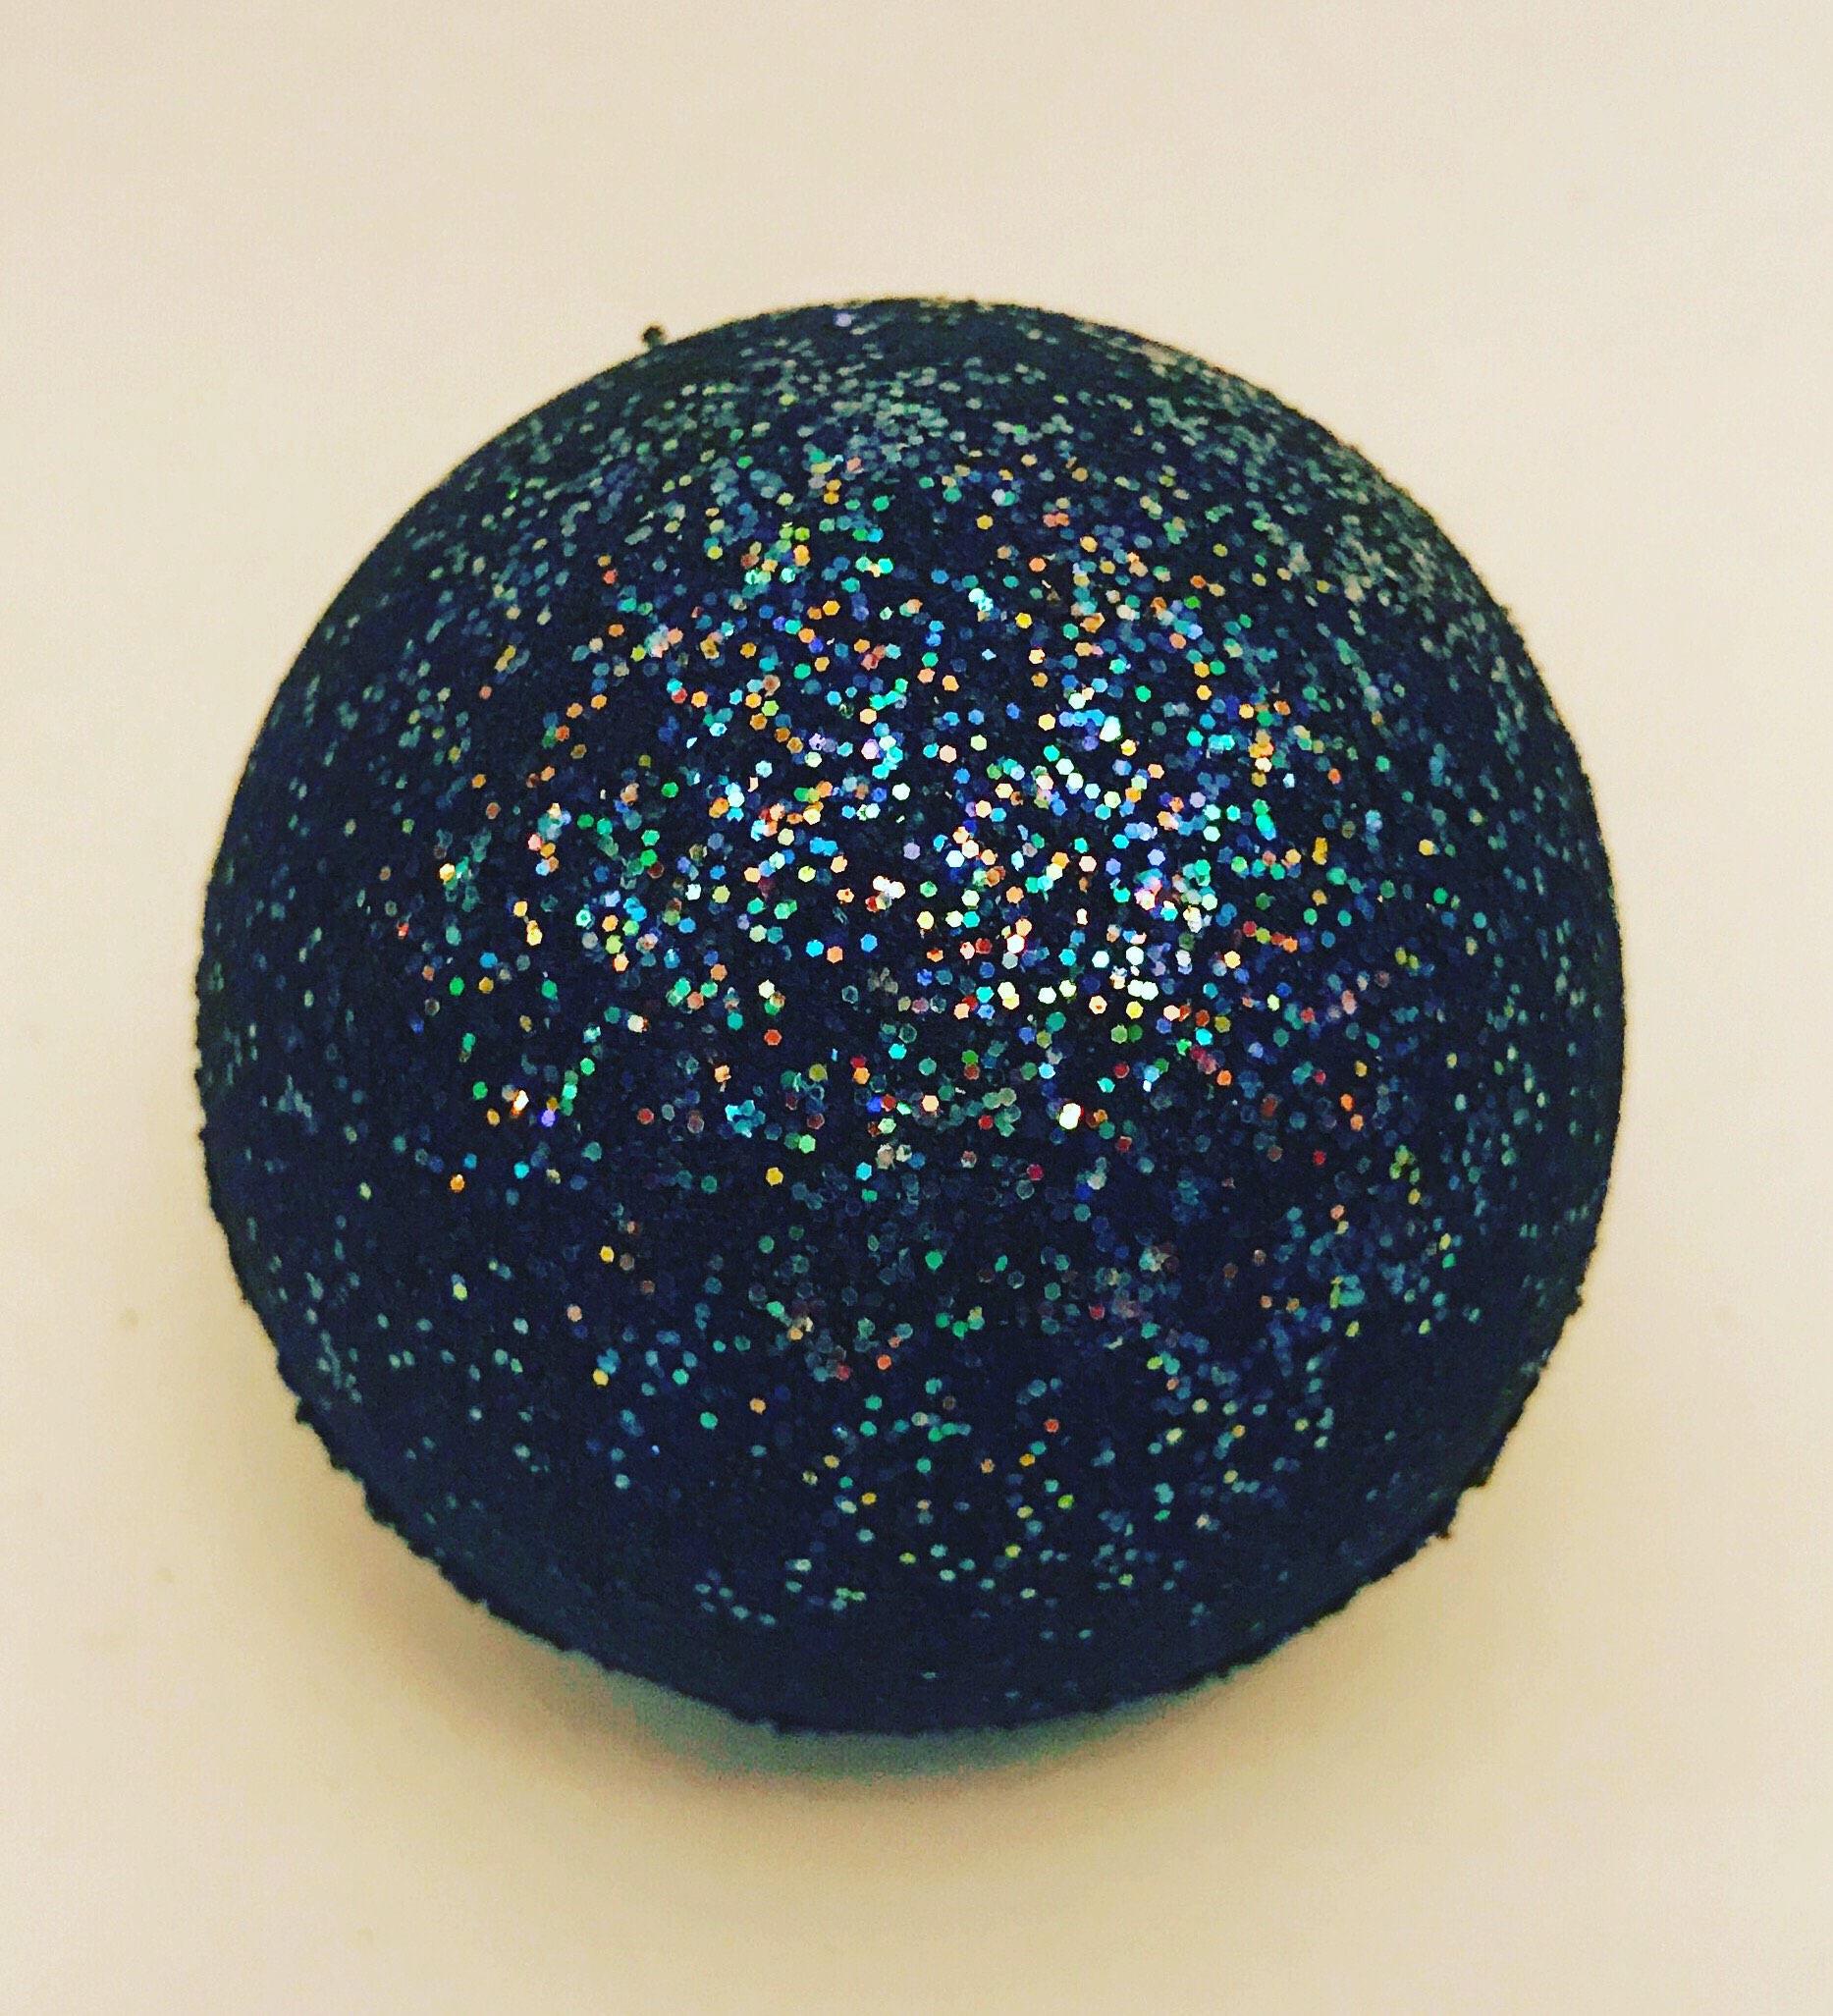 Black Glitter Bathroom: 5 Mini Black Glitter Bombs Black Glitter Bath Fizzy